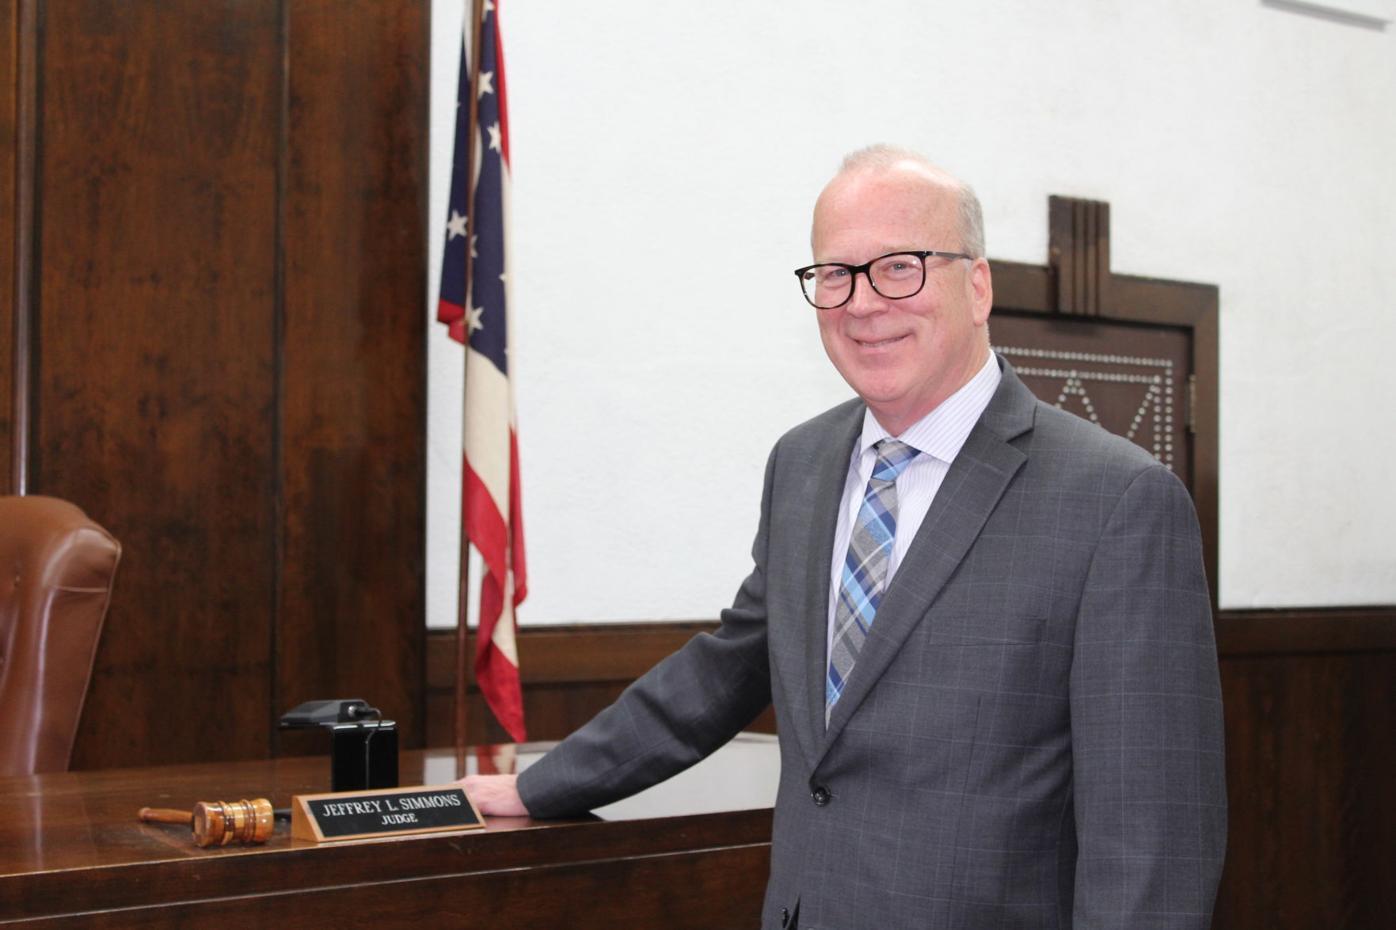 Common Pleas Court Judge Jeff Simmons